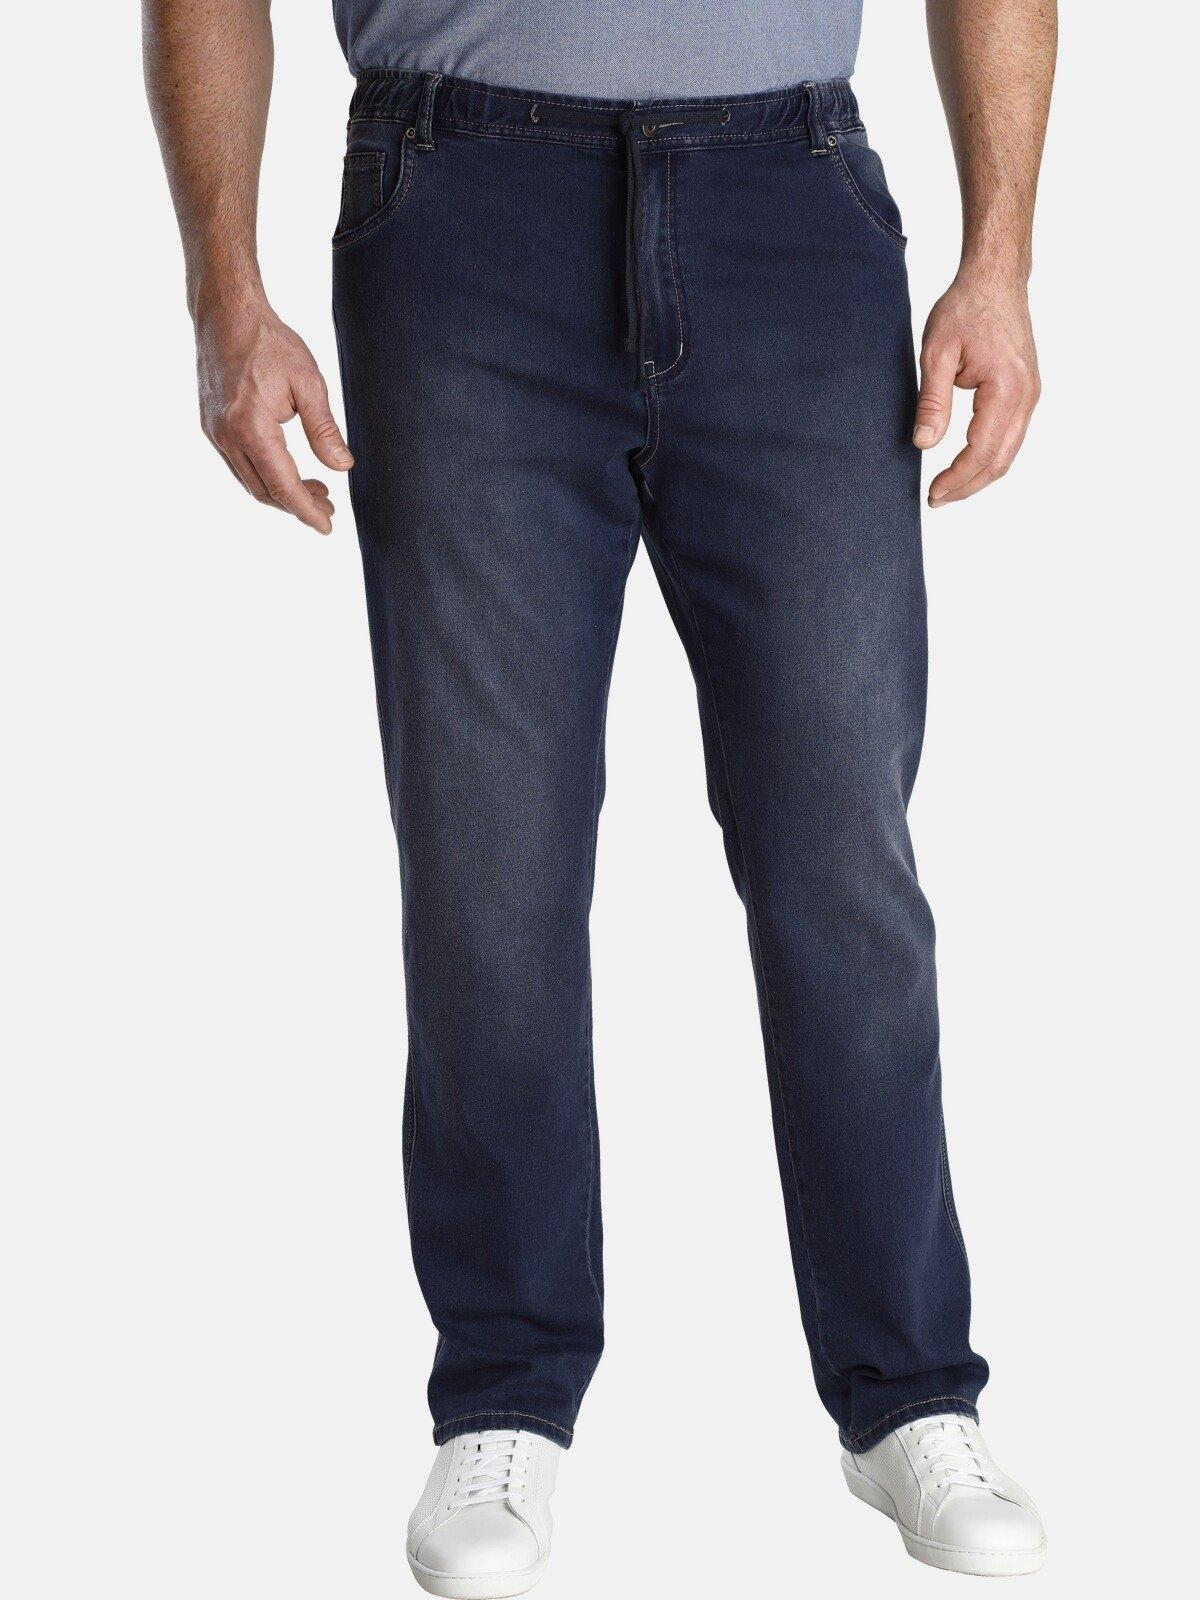 Charles Colby Jeans met elastische band BARON KEYLAN zo comfortabel als een joggingbroek online kopen op otto.nl